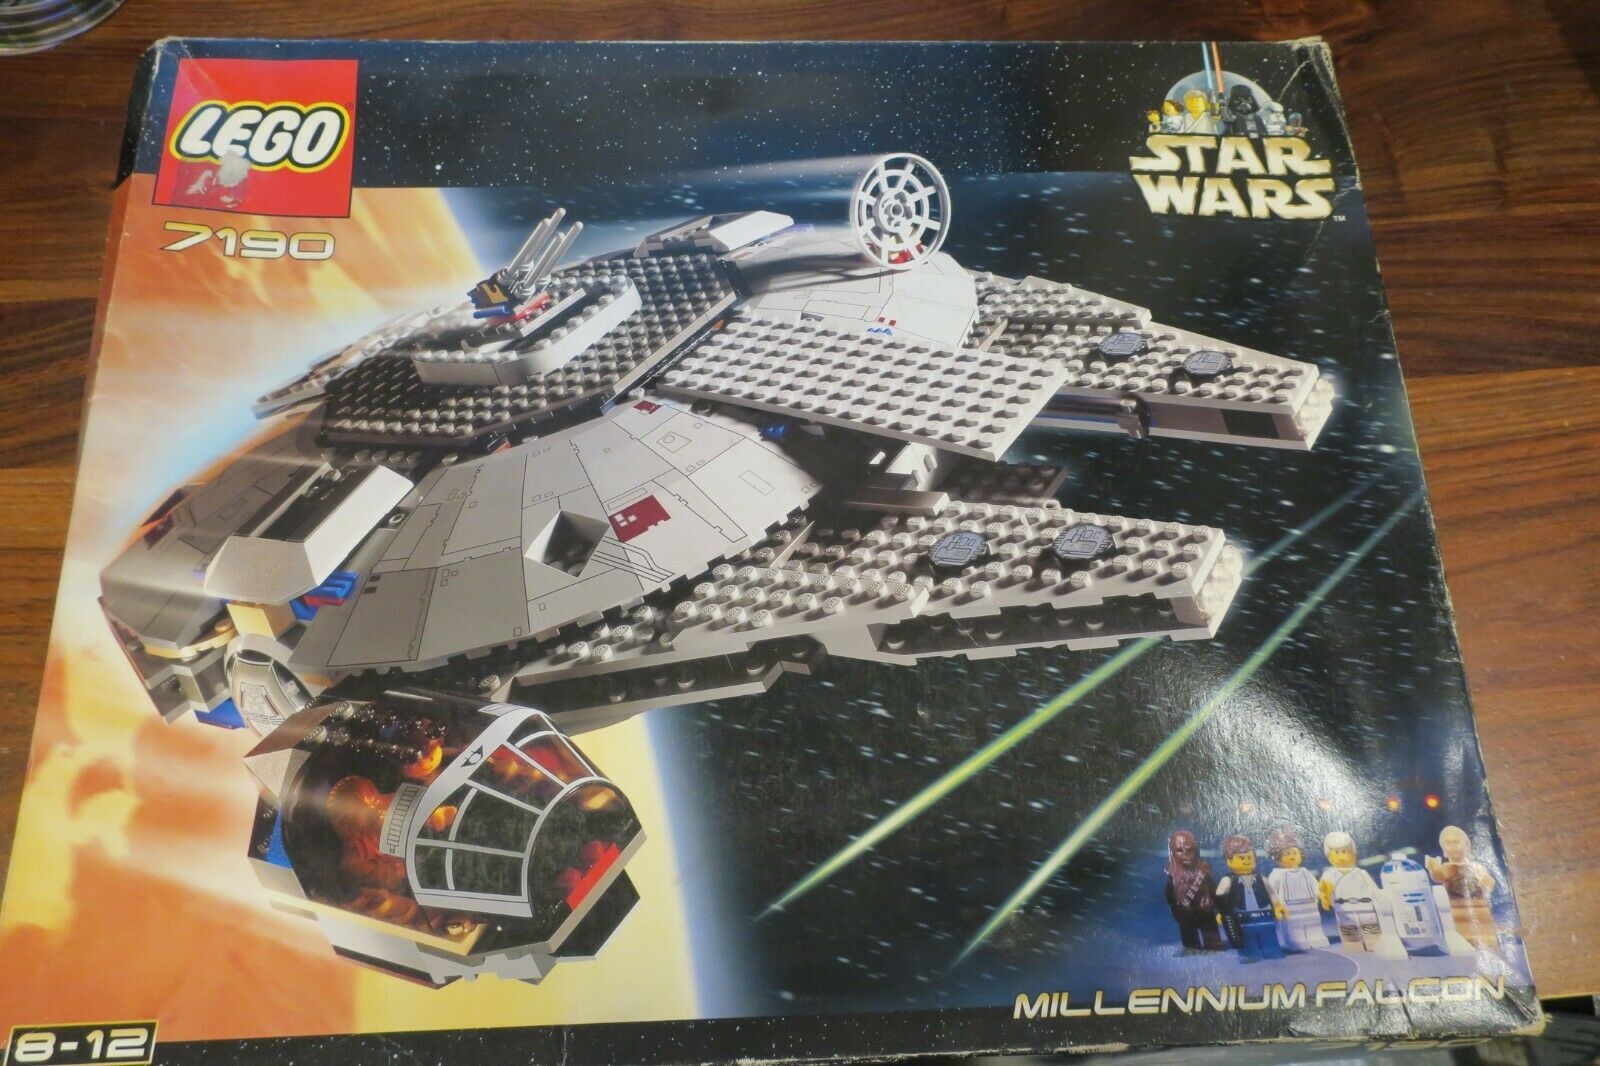 LEGO STAR WARS 7190 - FAUCON MILLENIUM